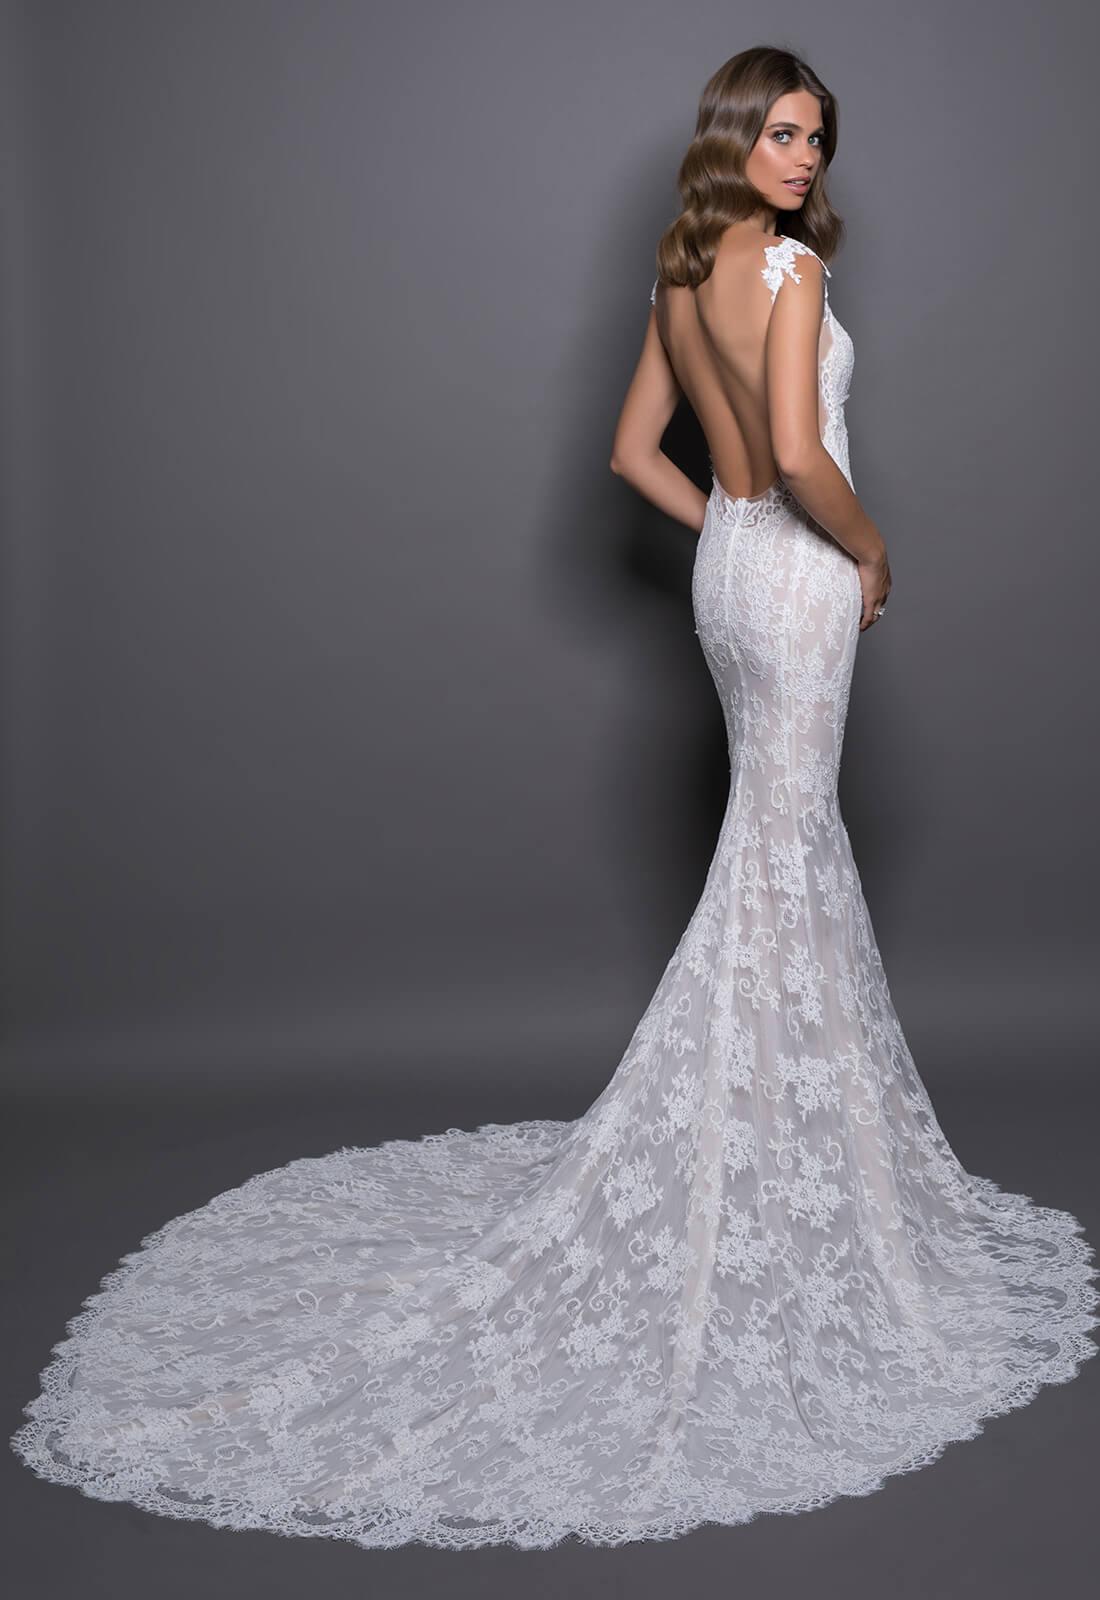 Pnina Tornai collezione Love 2018 abiti sposa (7) | ABITI ...